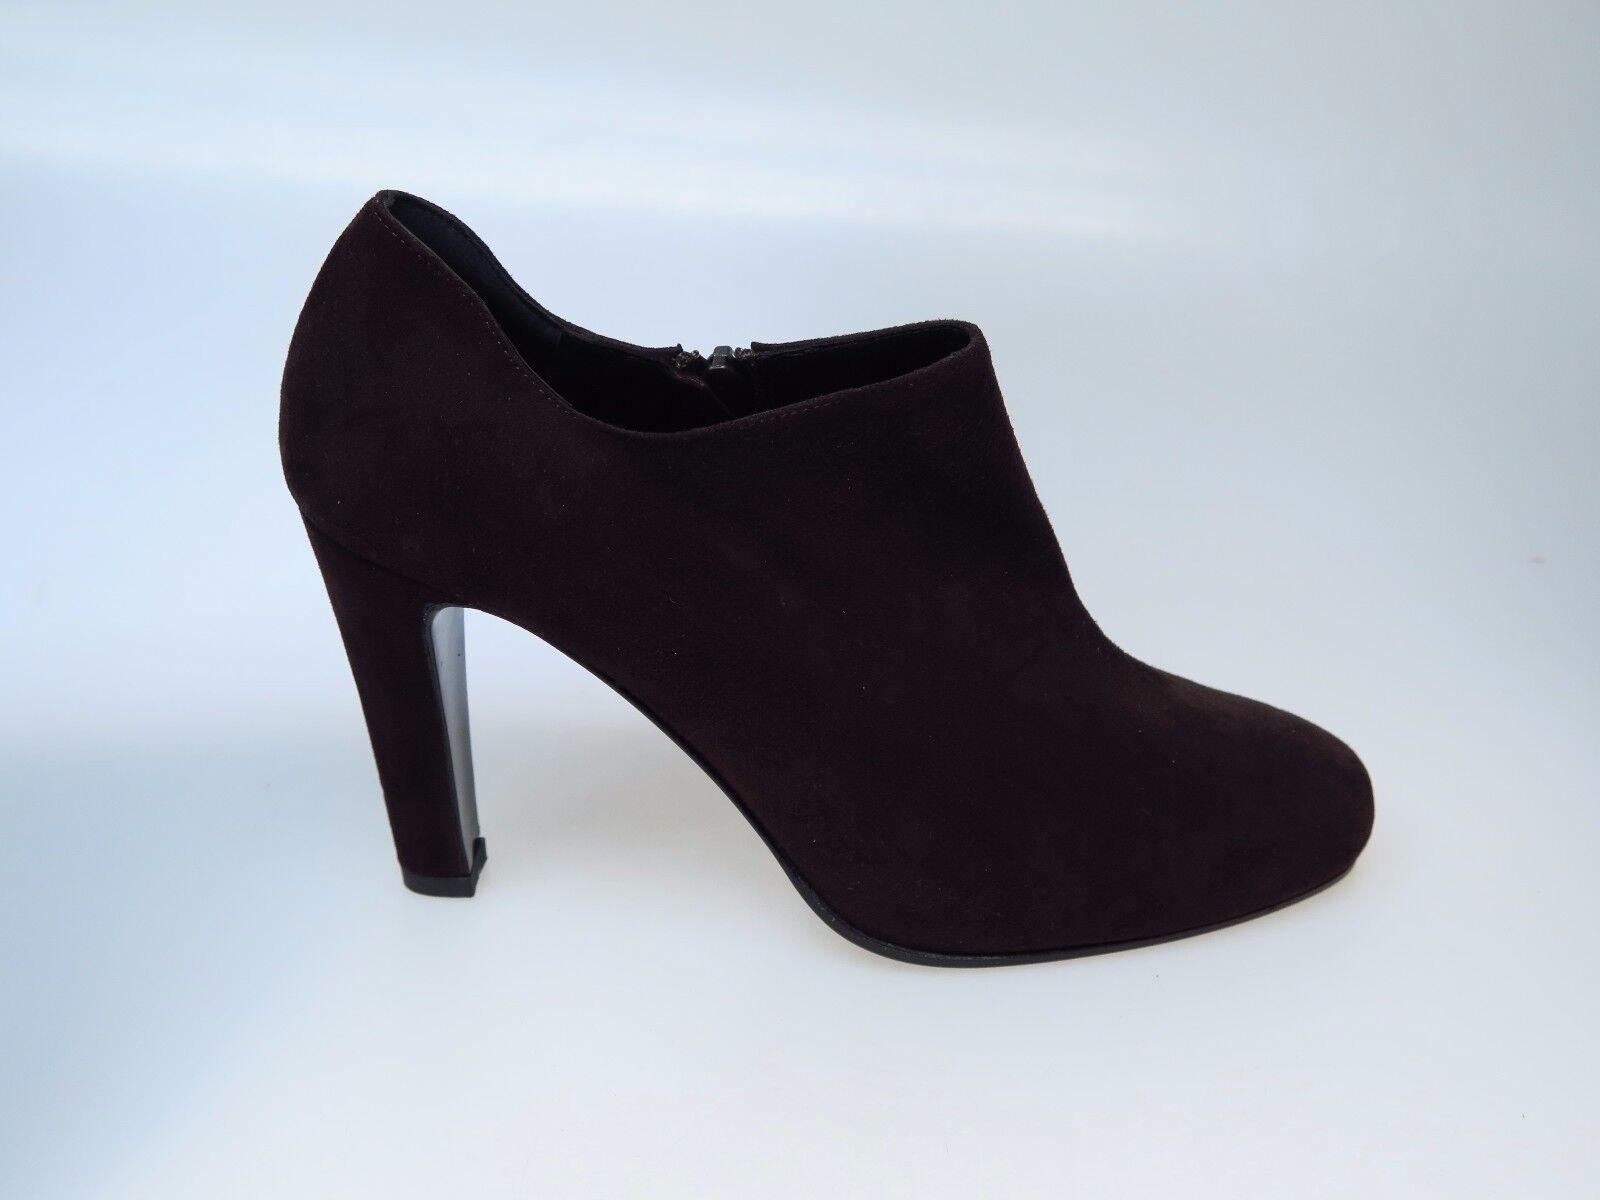 Sultana Italy zapatos señora botines botas de cuero n4257 Amber marrón nuevo